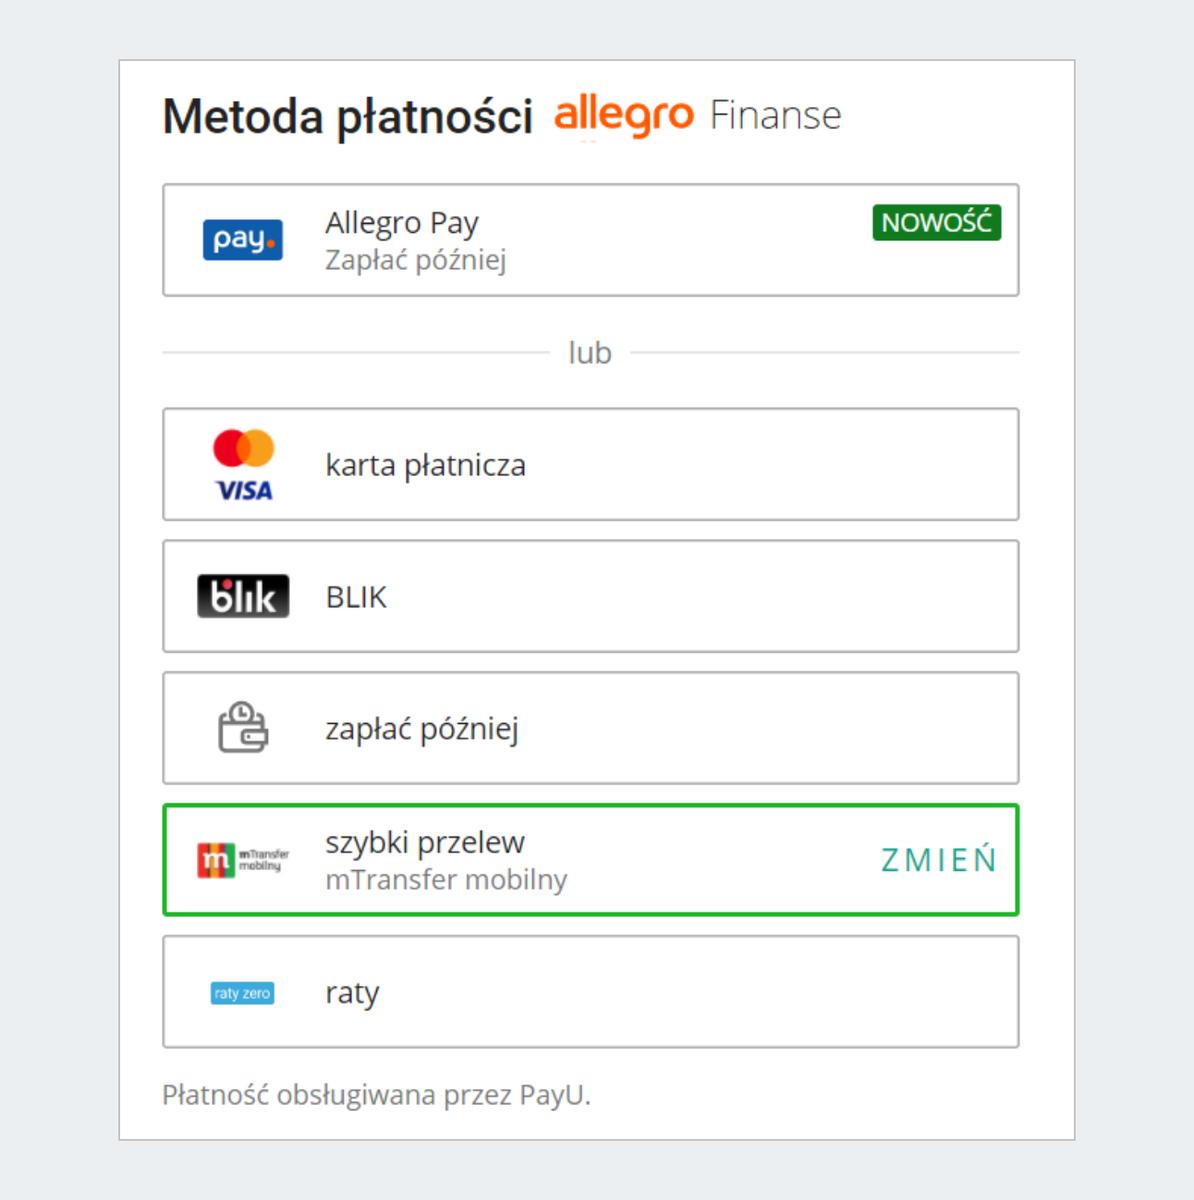 Allegro Finanse Jak Zaplacic Za Przedmiot Kupiony Na Allegro Pomoc Allegro